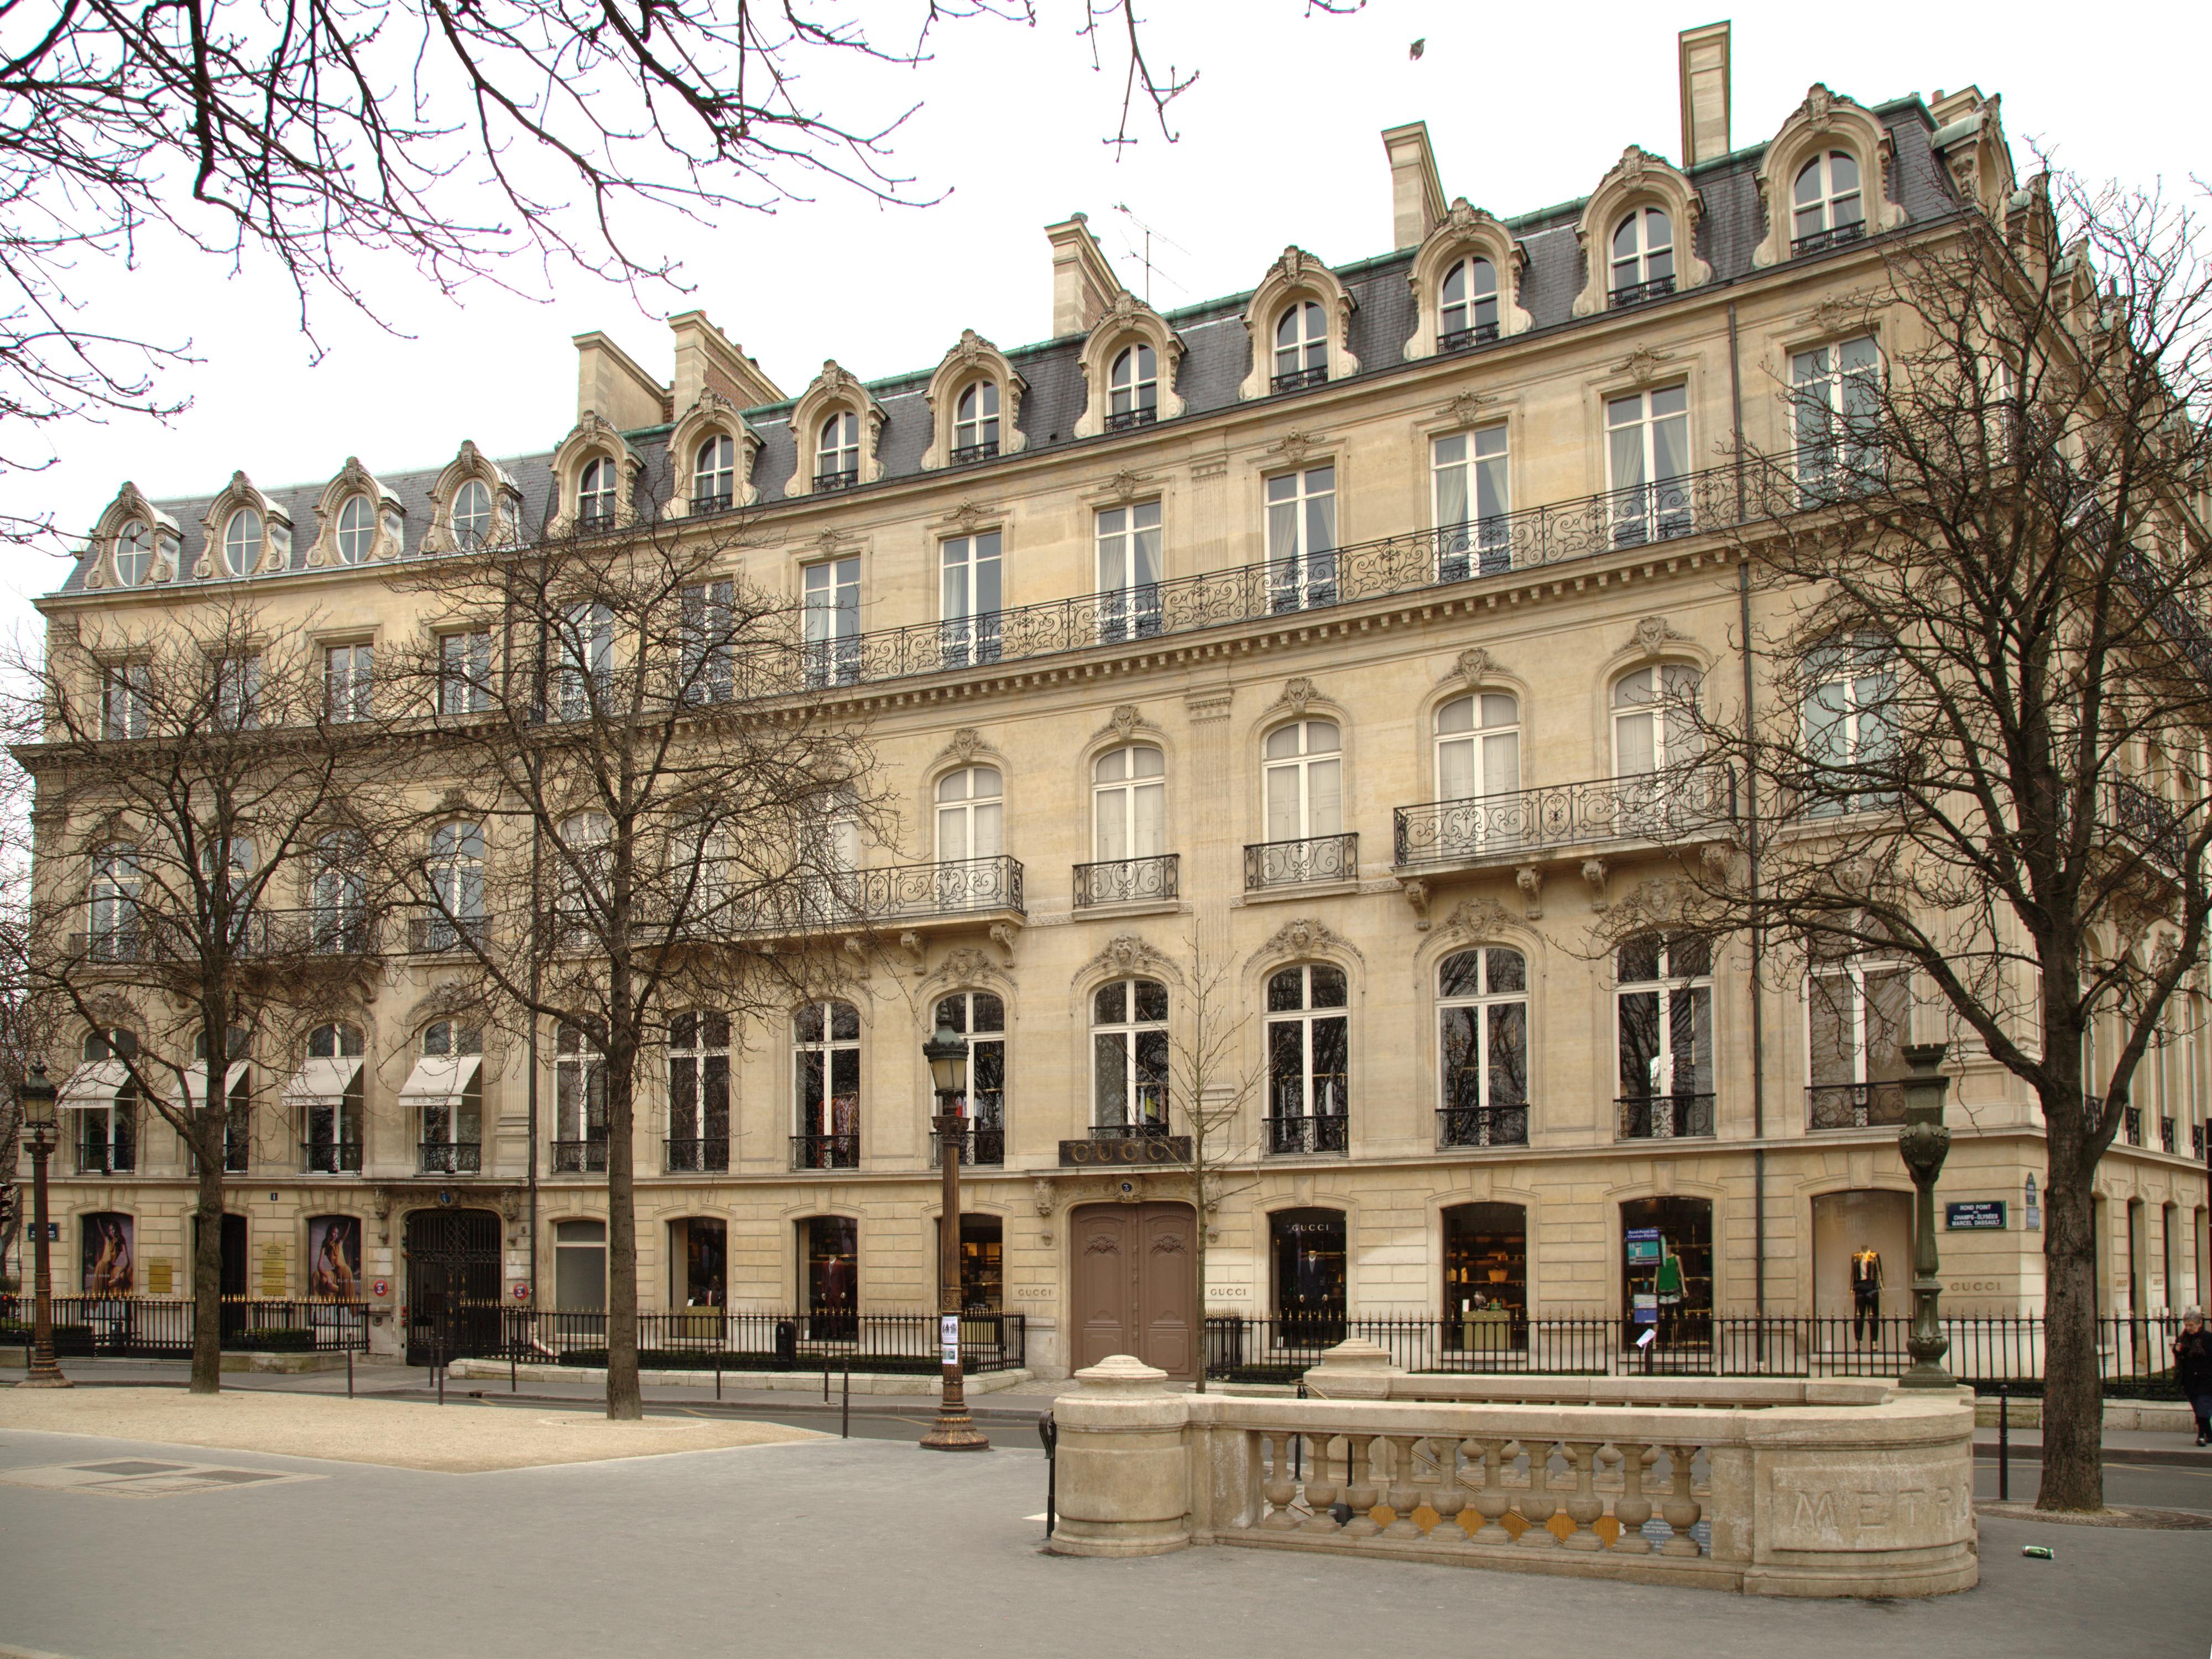 Hotel De Louvre Paris France